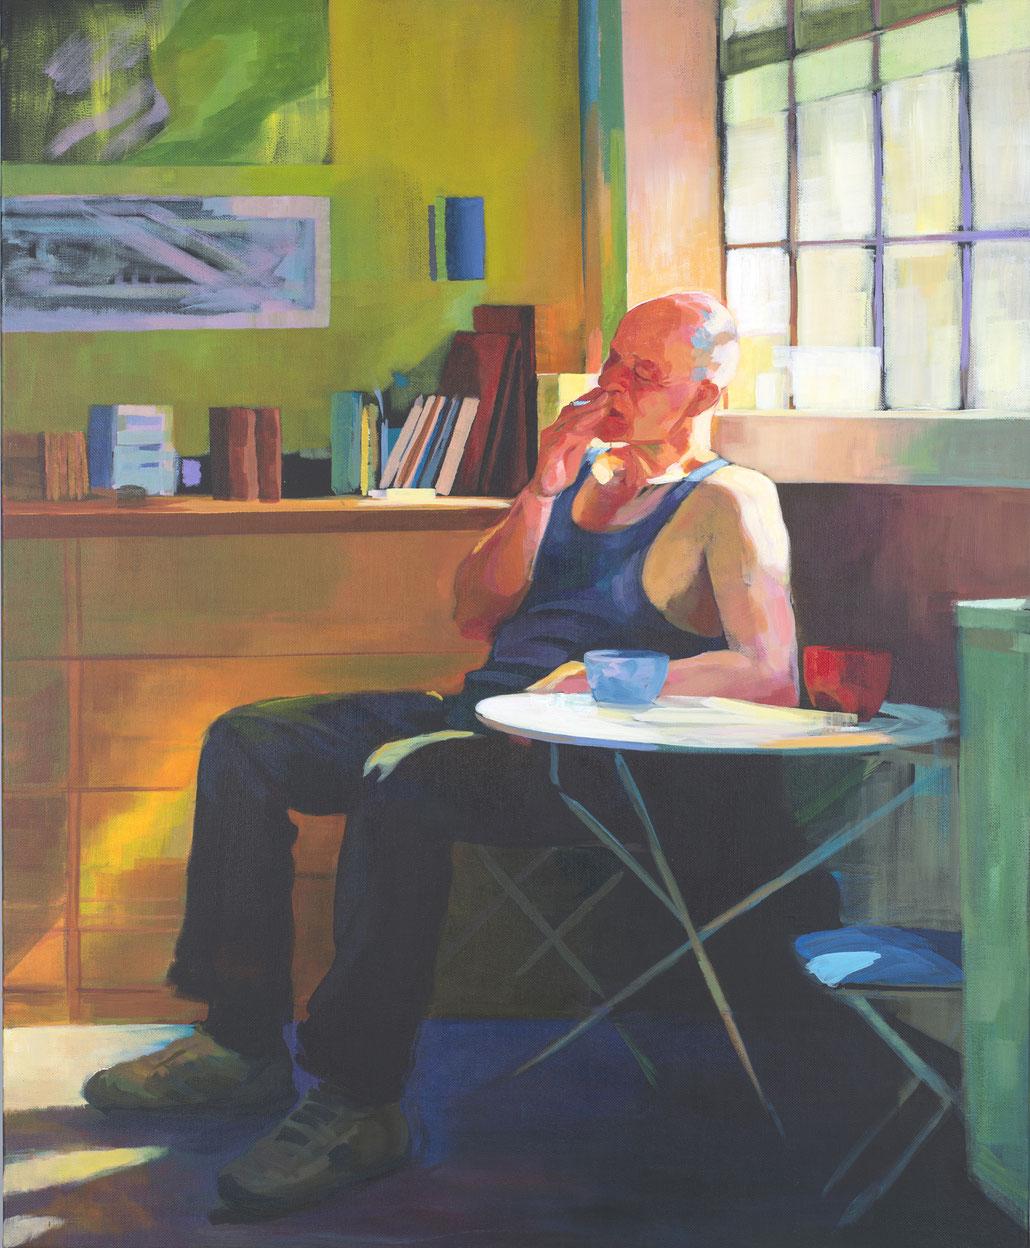 El descanso del pintor. 100 x 81 cm . Acrílico sobre lienzo.